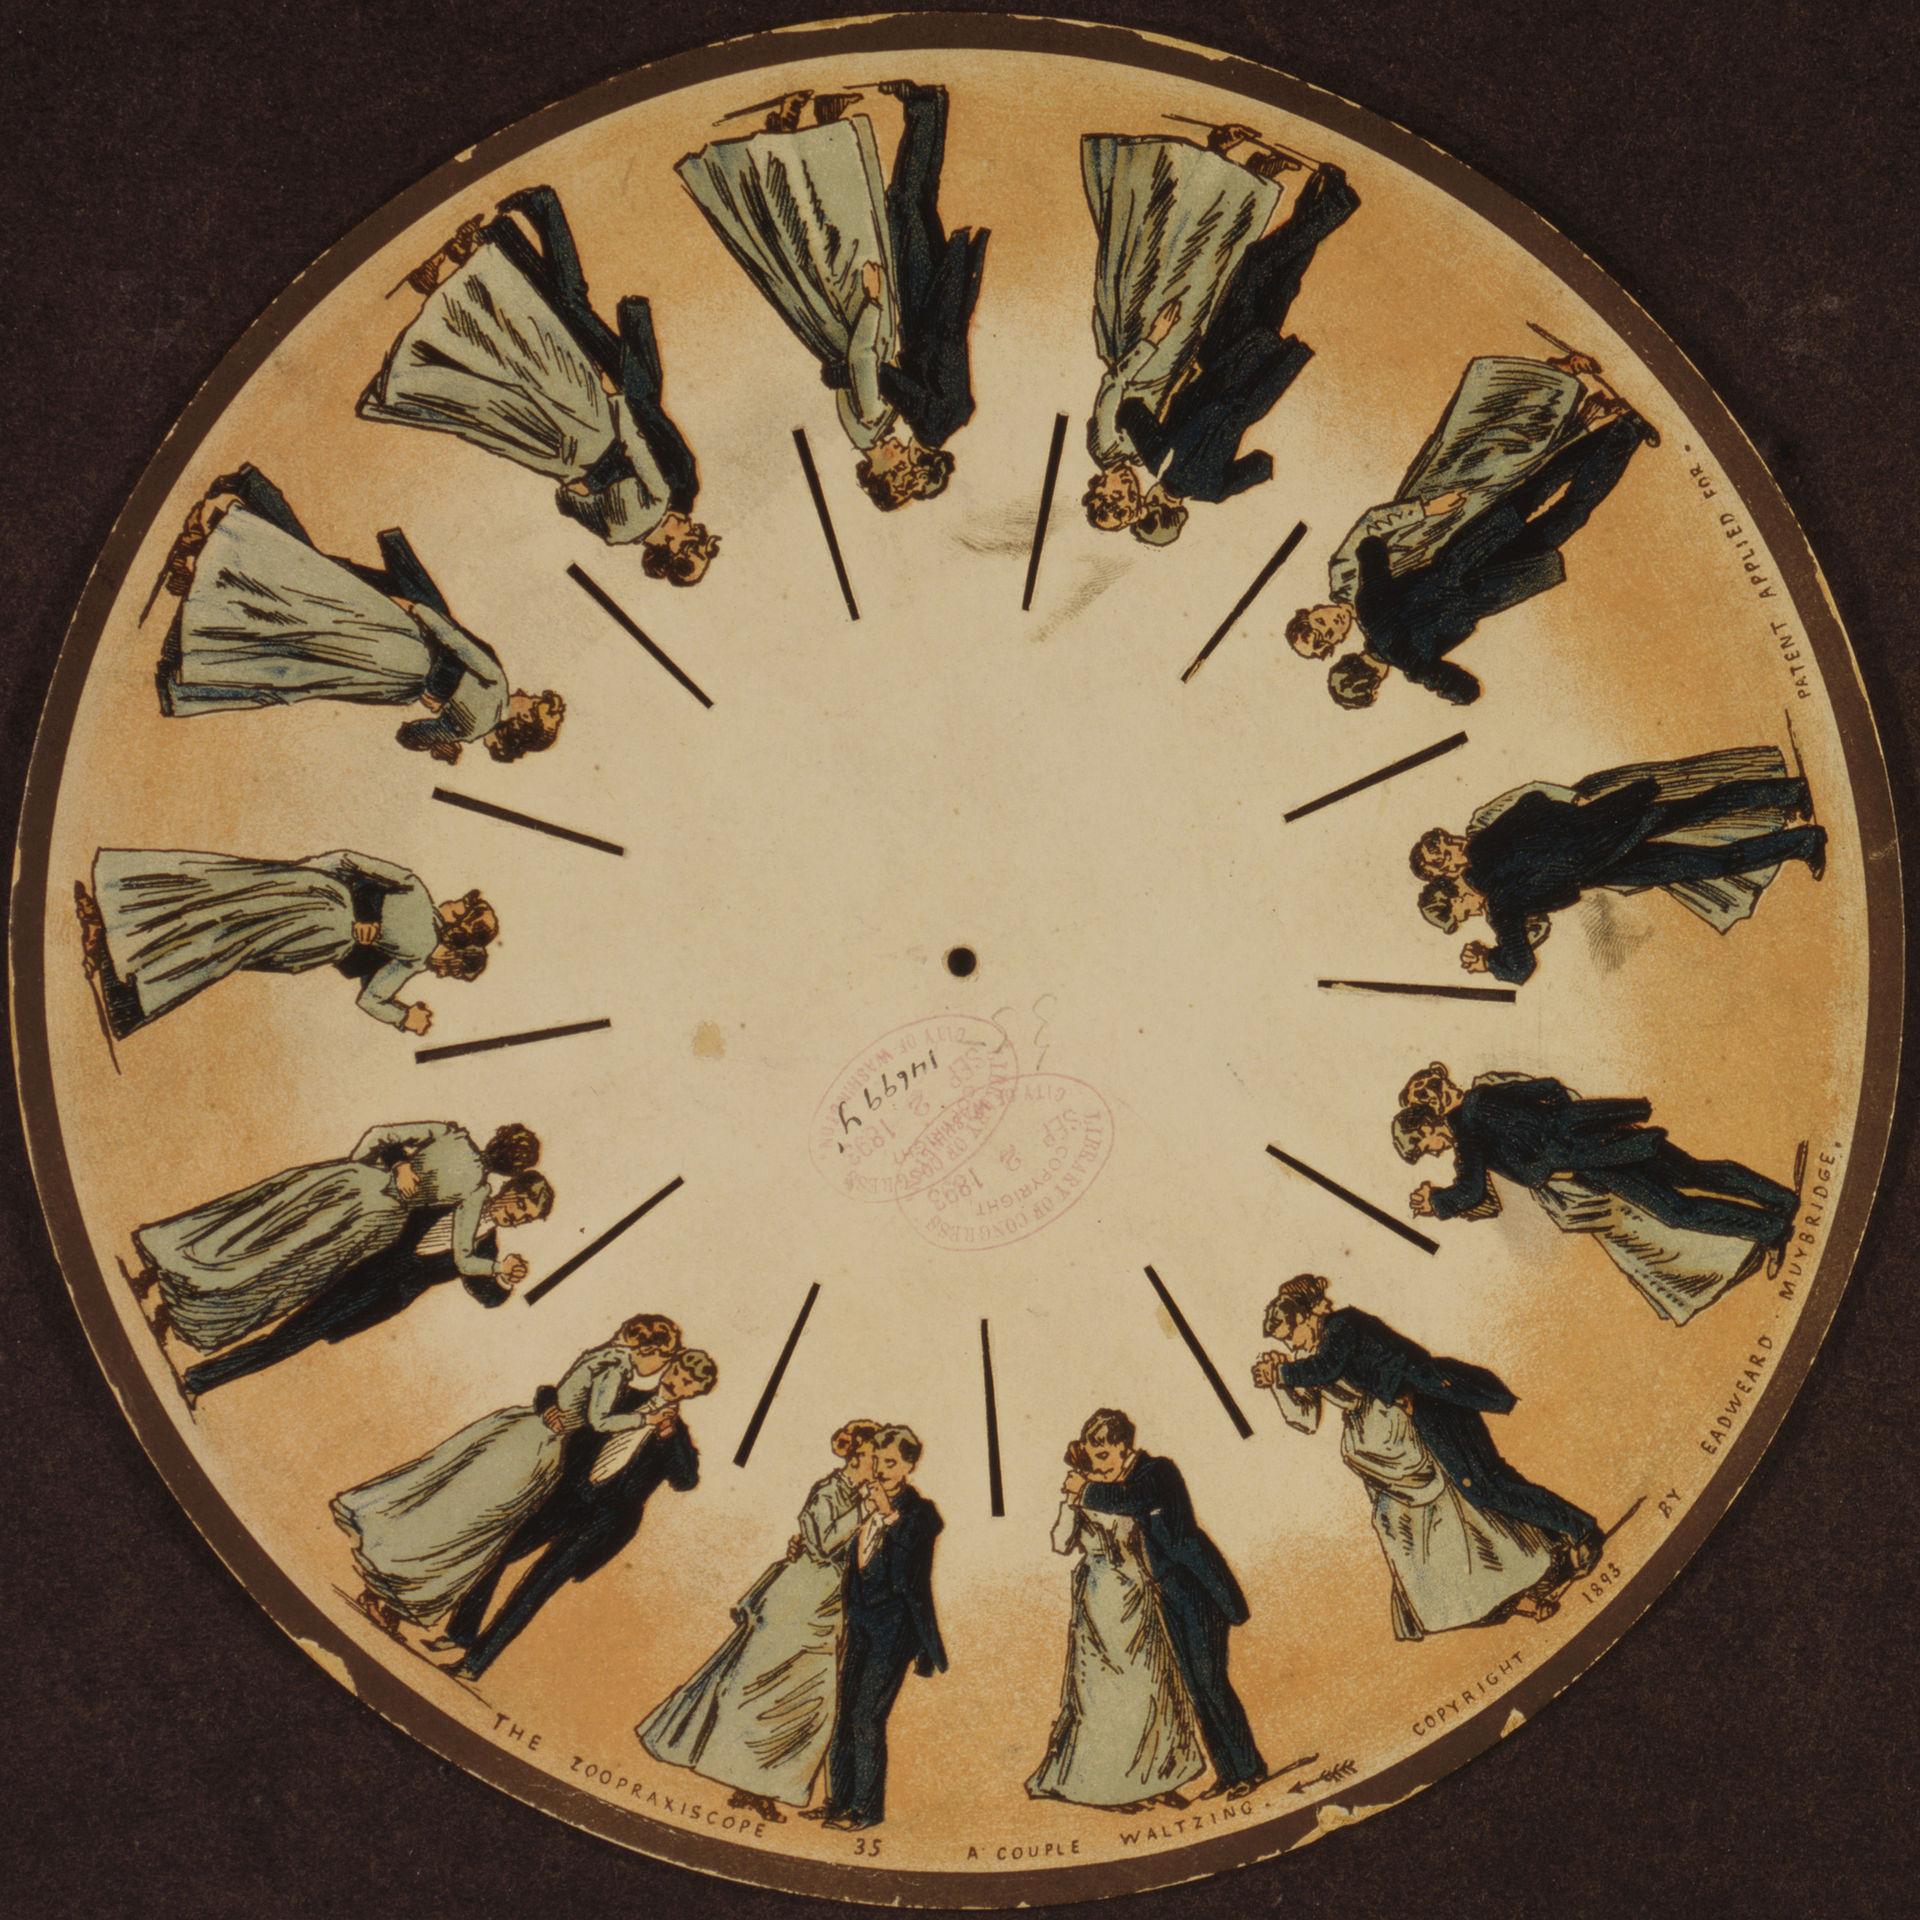 費納奇鏡 - 維基百科,自由的百科全書